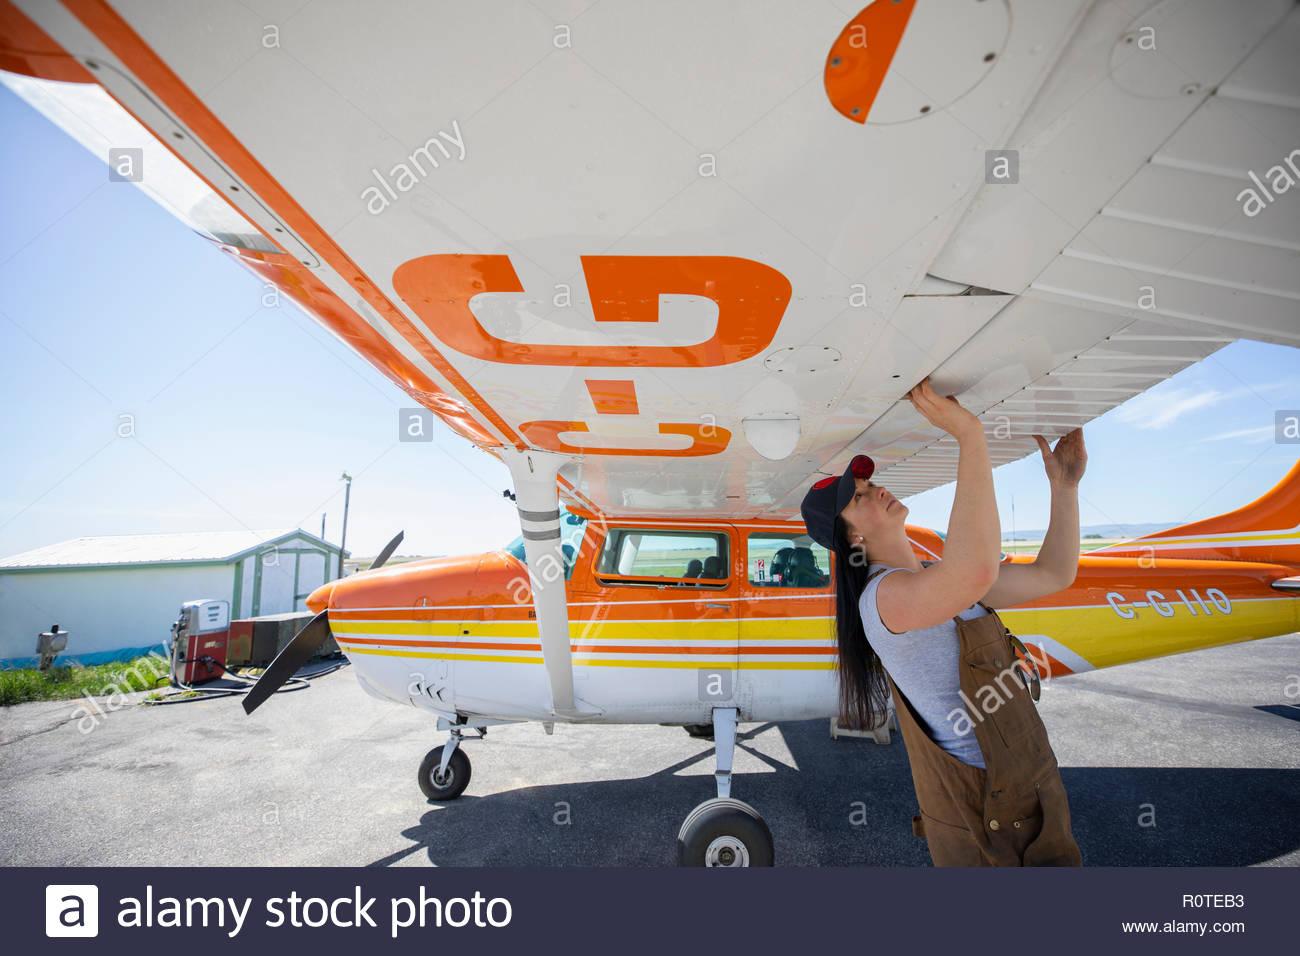 Ingeniero hembra comprobación del ala de avión de hélice de asfalto Imagen De Stock